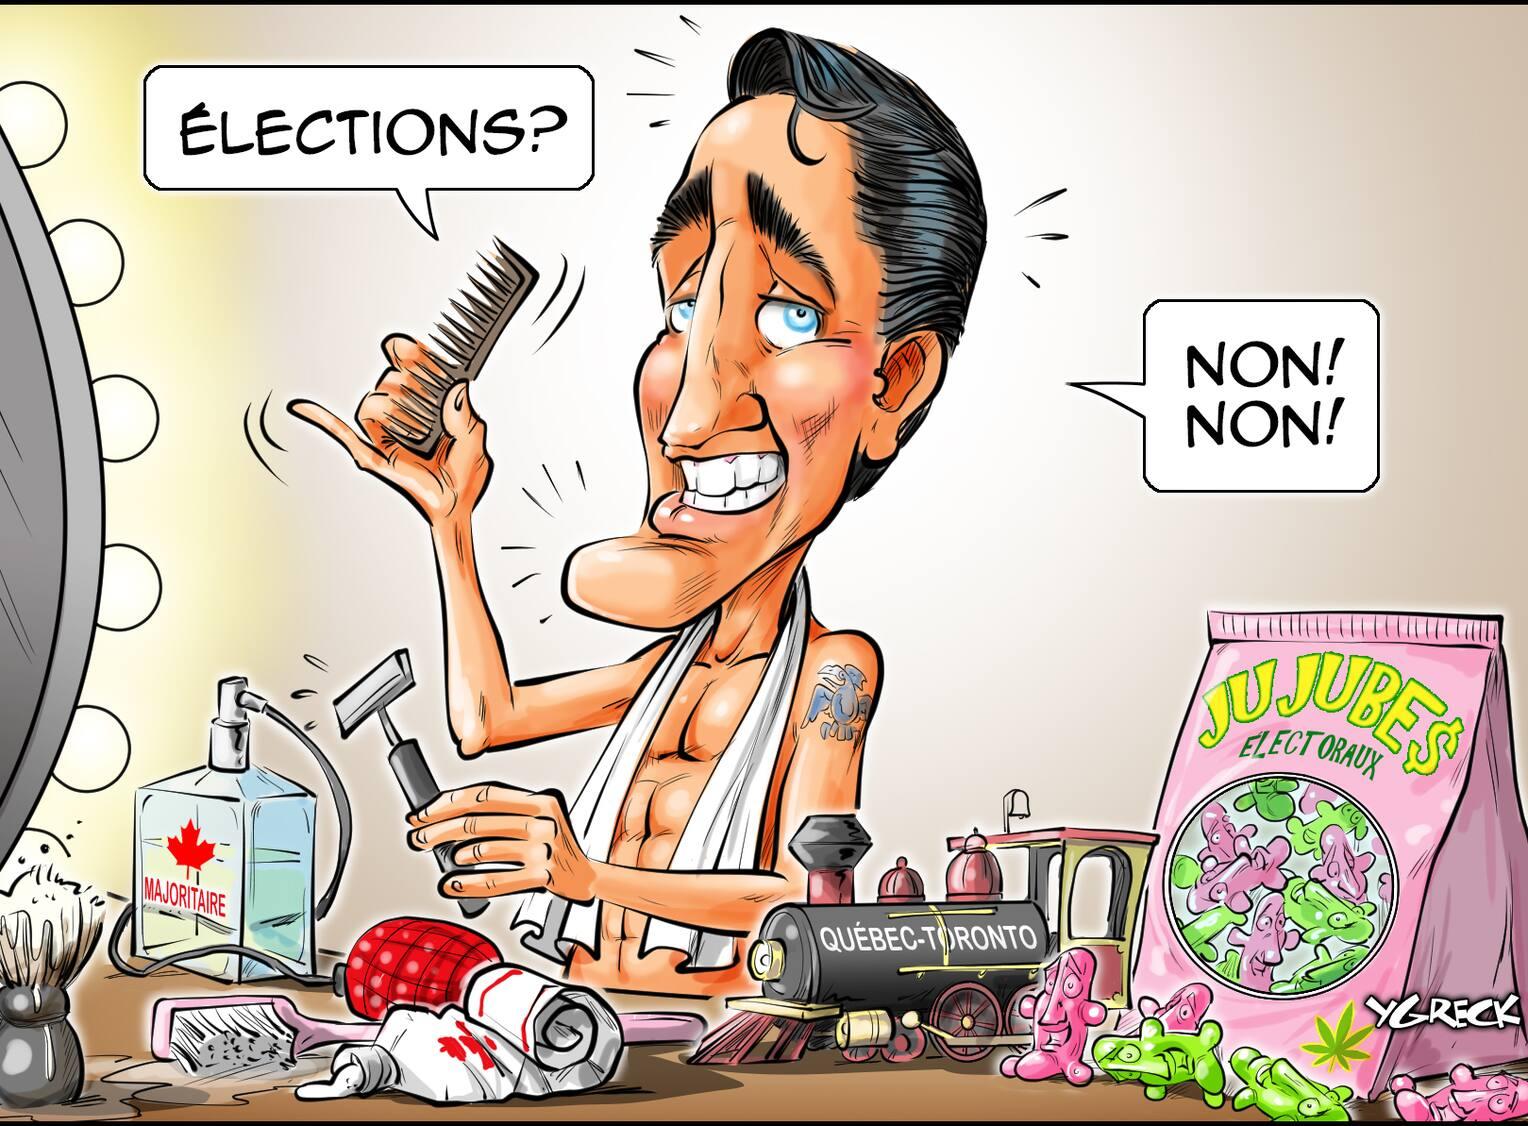 CARICATURES : politiques, judiciaires, sportives ... etc.    (suite 2) - Page 23 Trudeau_beaute_copief591125a-0de5-4a24-aae9-661fb05251a1_ORIGINAL